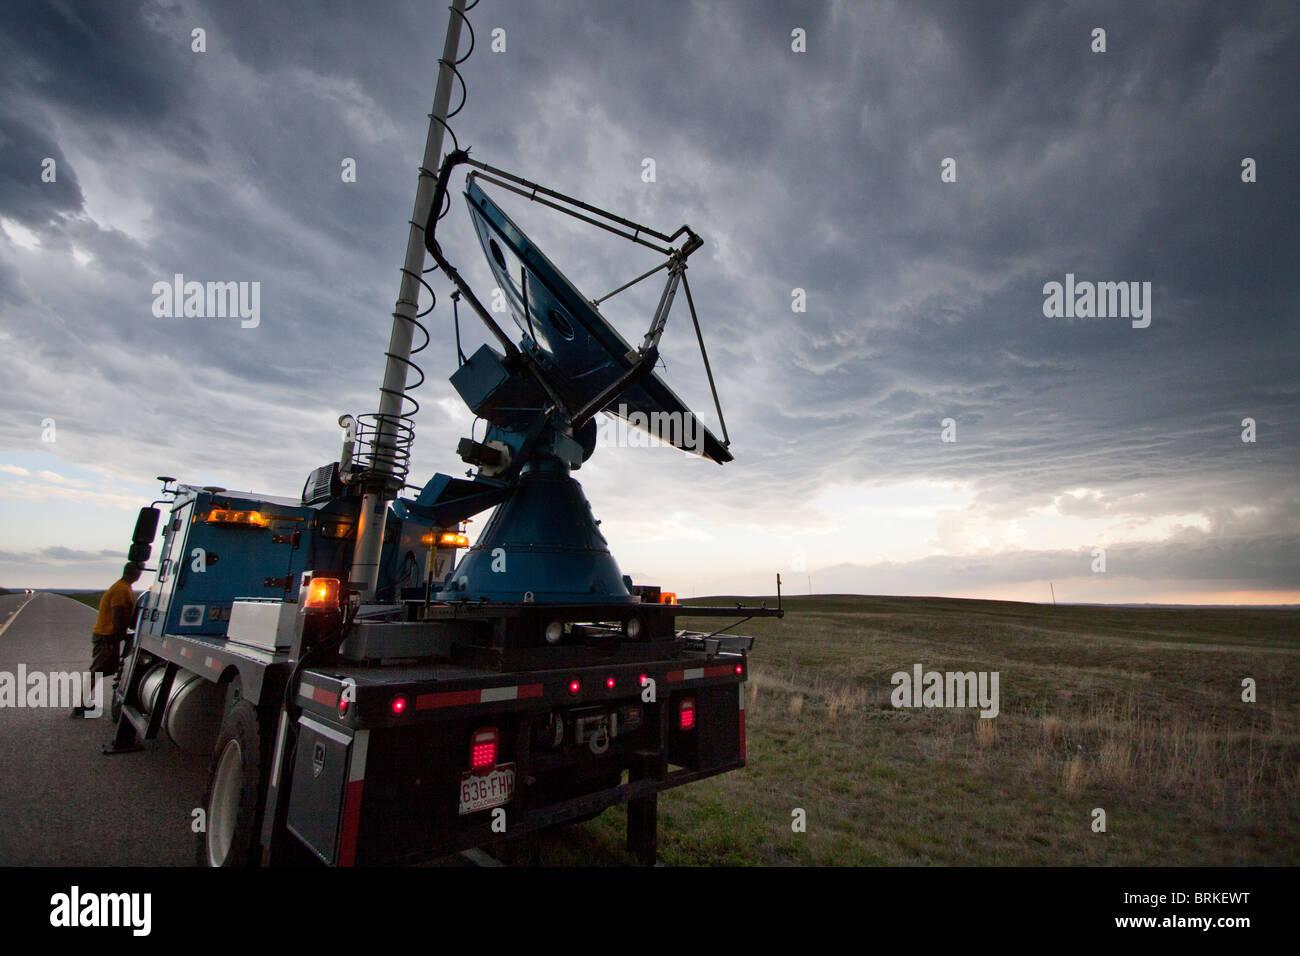 Un Doppler su ruote carrello esegue una scansione temporale supercellular nelle zone rurali del Wyoming, 21 maggio Immagini Stock